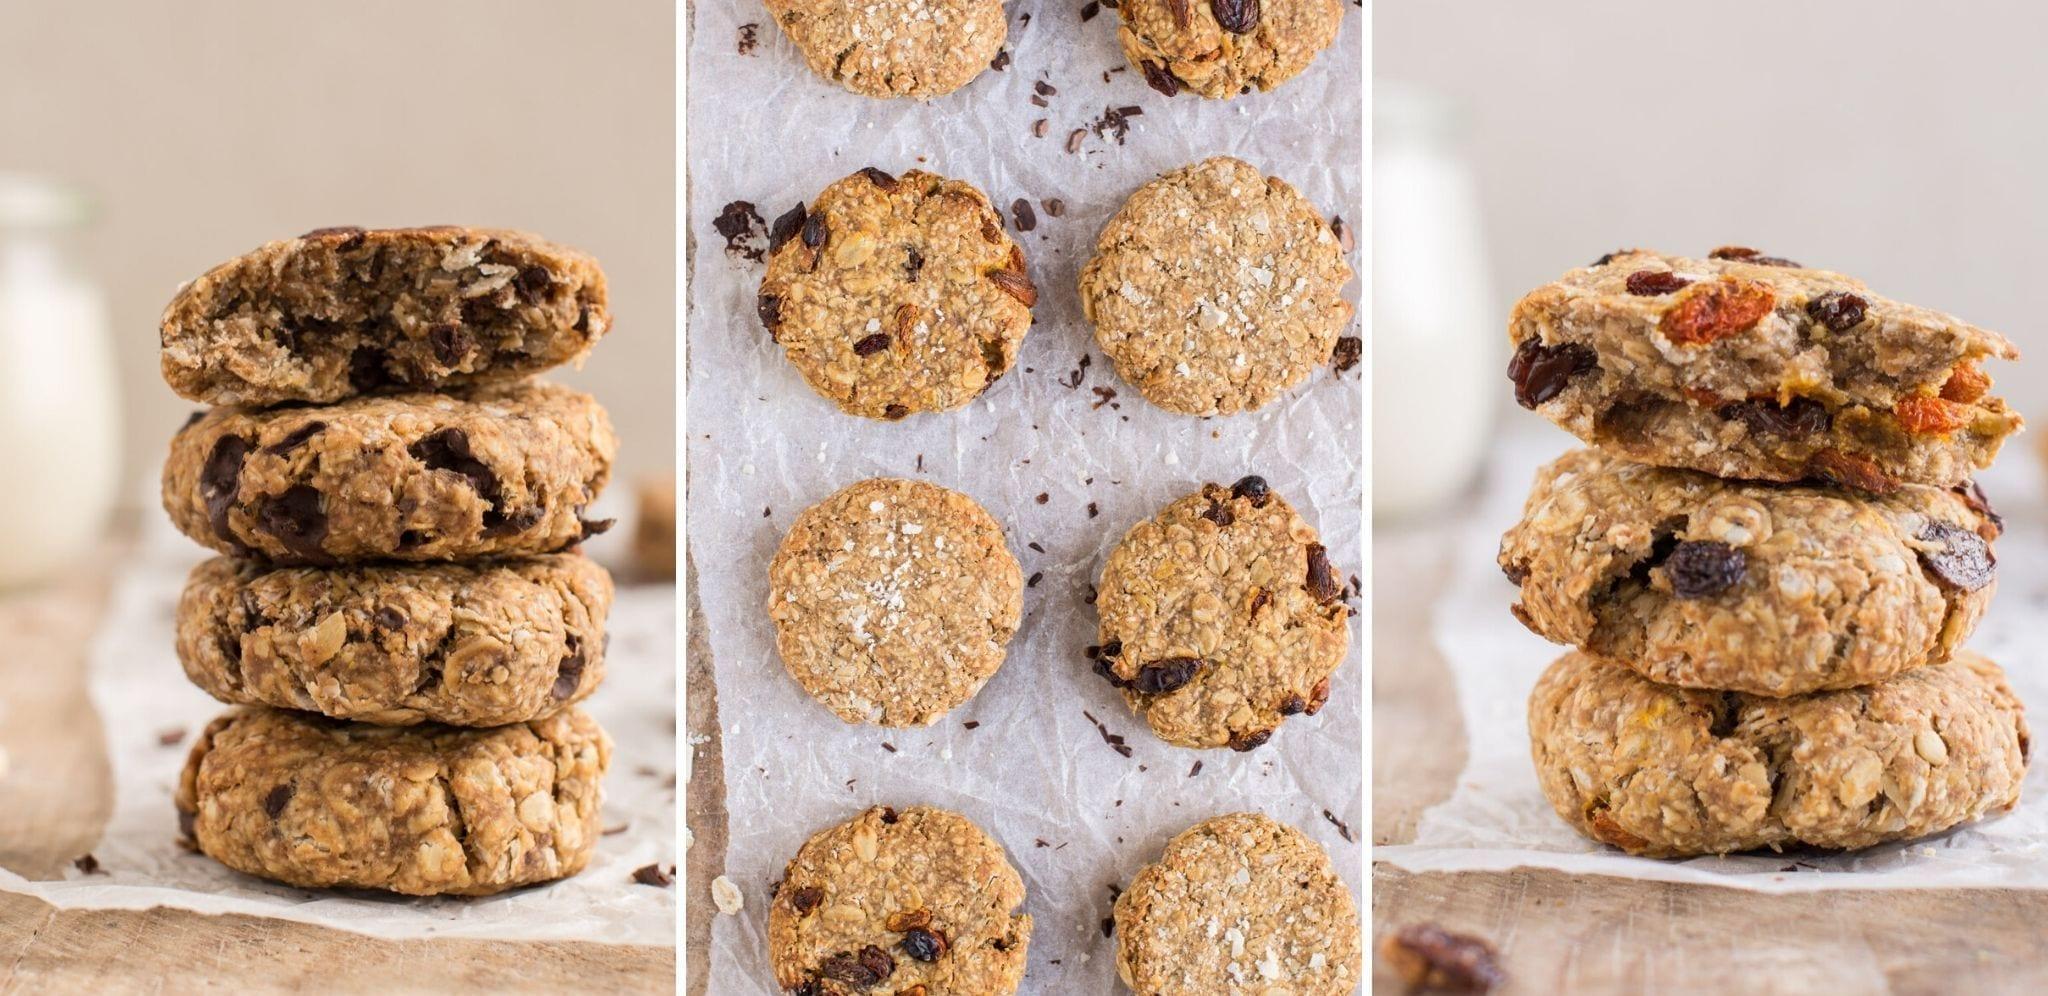 Vegan Oatmeal Cookies 3 Ways [Oil-Free]   Nutriplanet